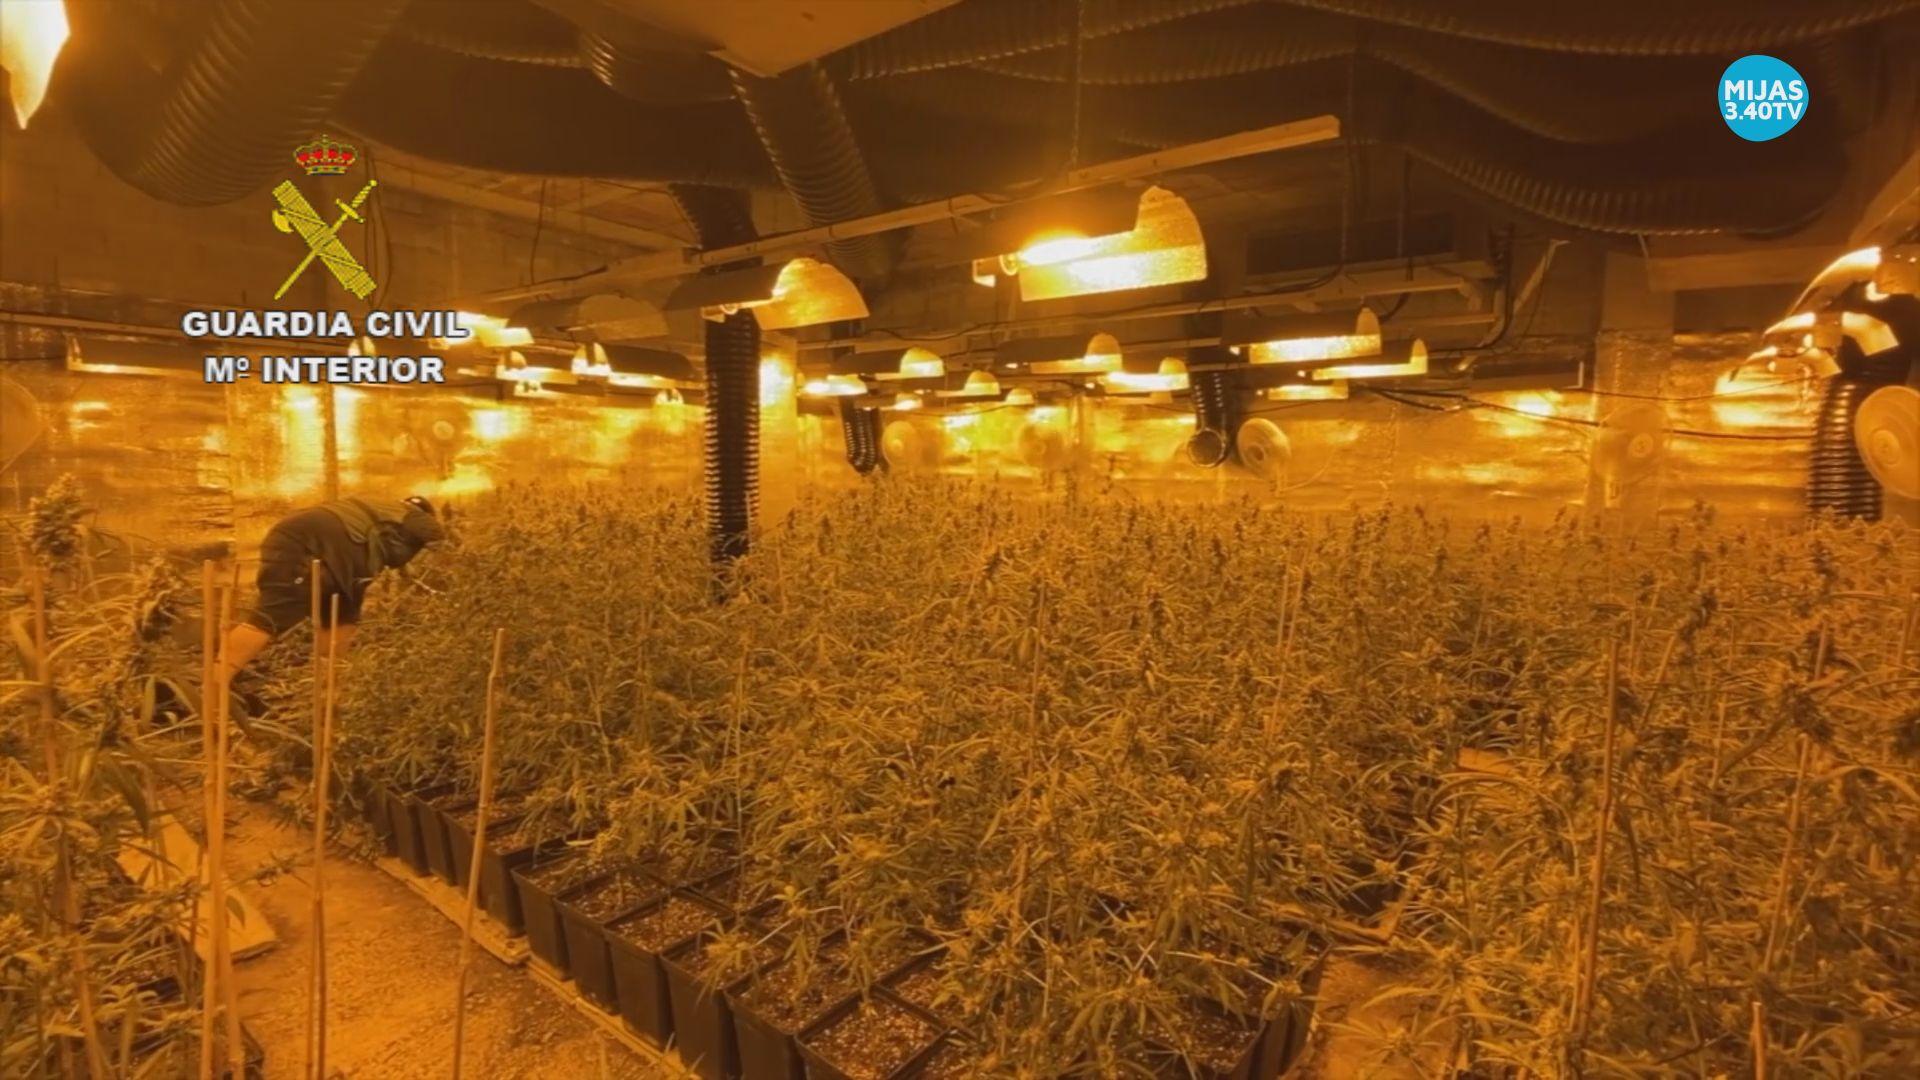 Desarticulan un grupo dedicado al cultivo de marihuana en Coín, Alhaurín El Grande y Mijas